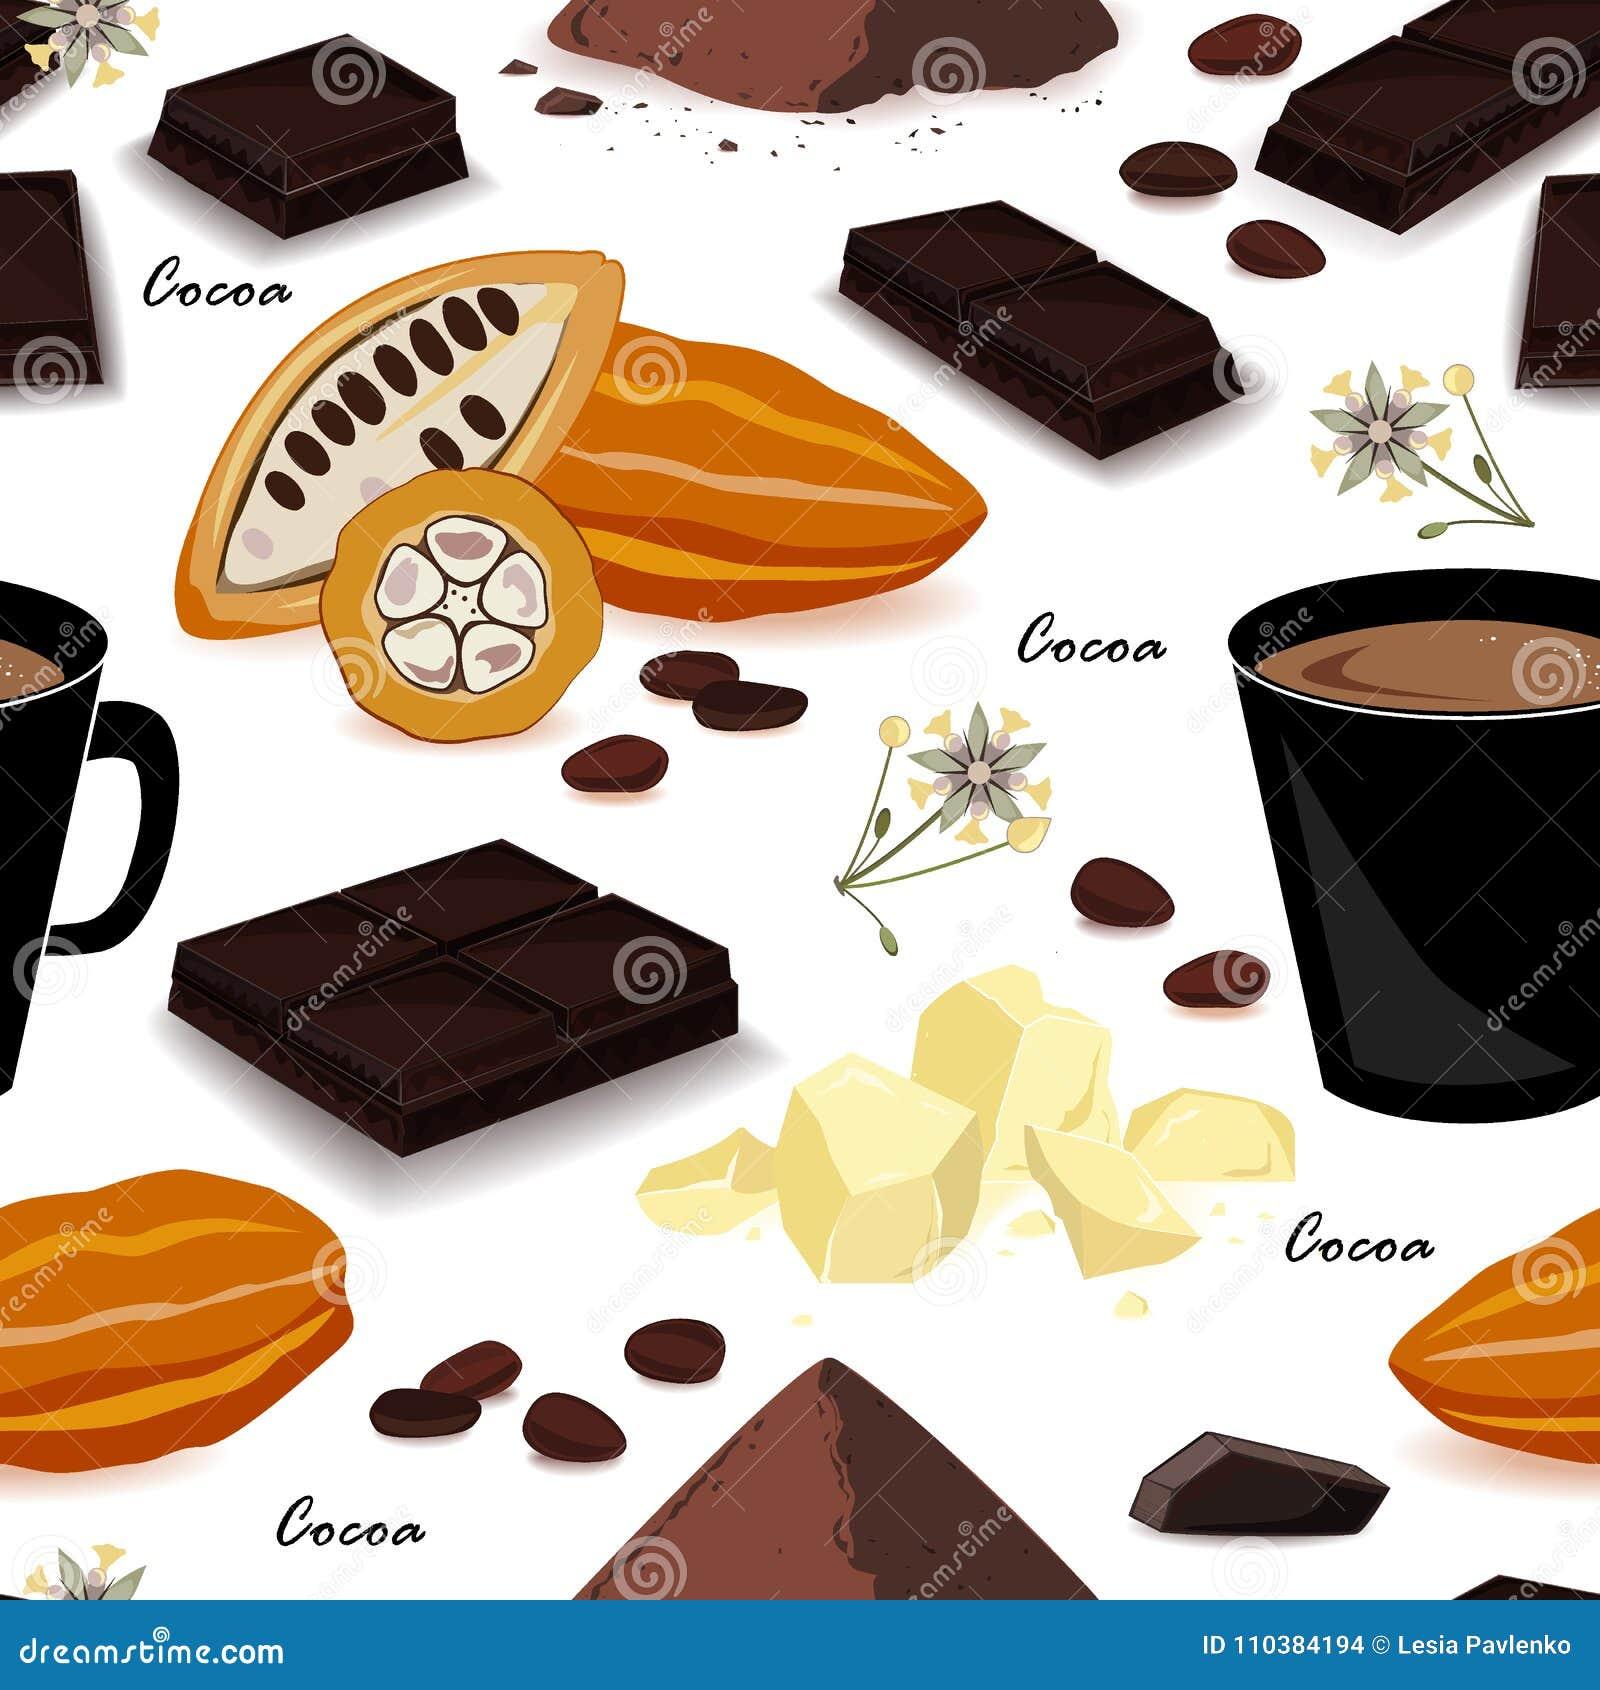 Modèle sans couture de cacao Cosse, haricots, beurre de cacao, boisson alcoolisée de cacao, chocolat, boisson de cacao et poudre